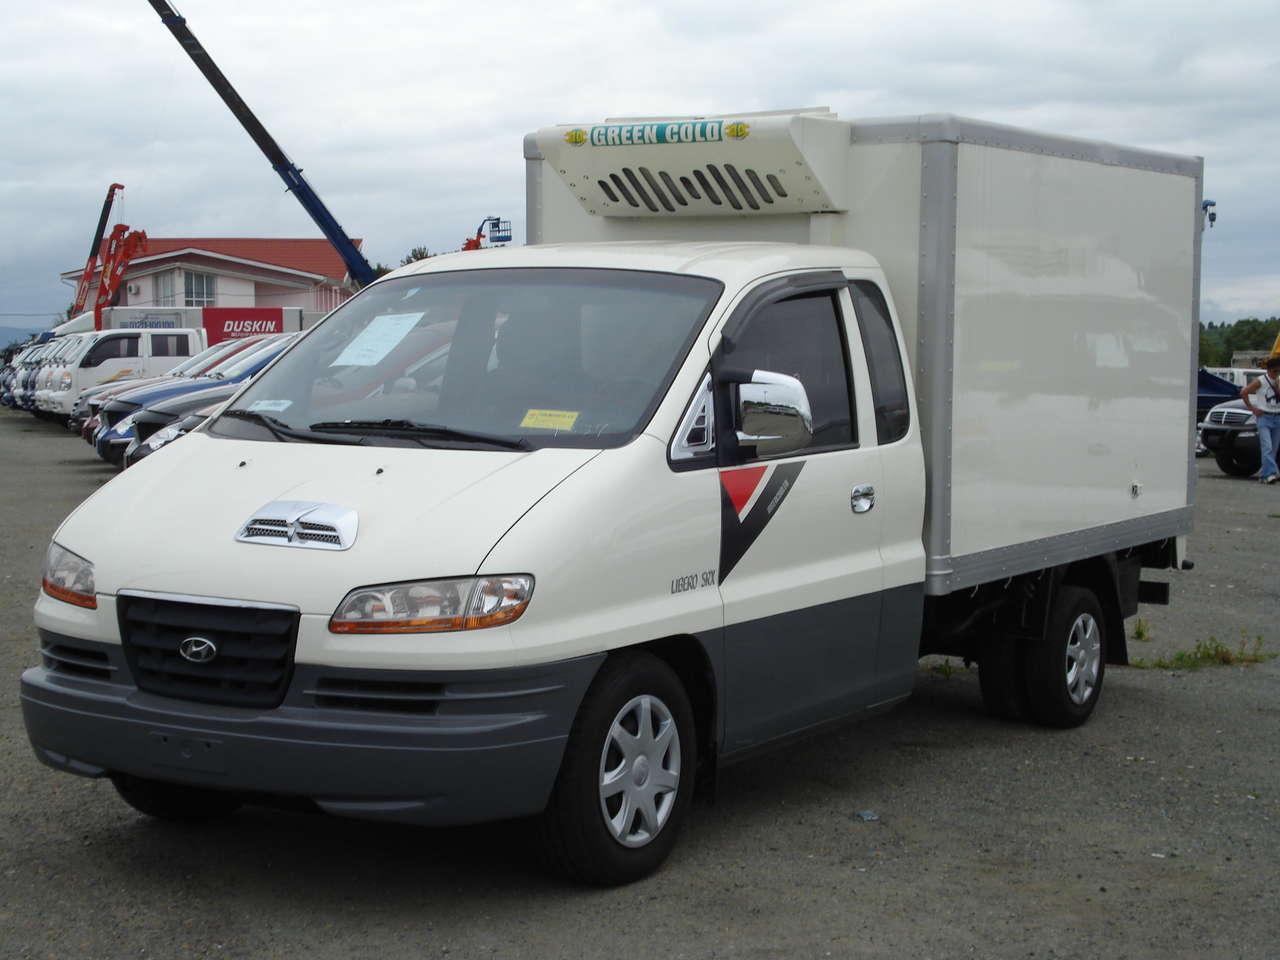 2004 hyundai libero photos  2 5  diesel  fr or rr  manual